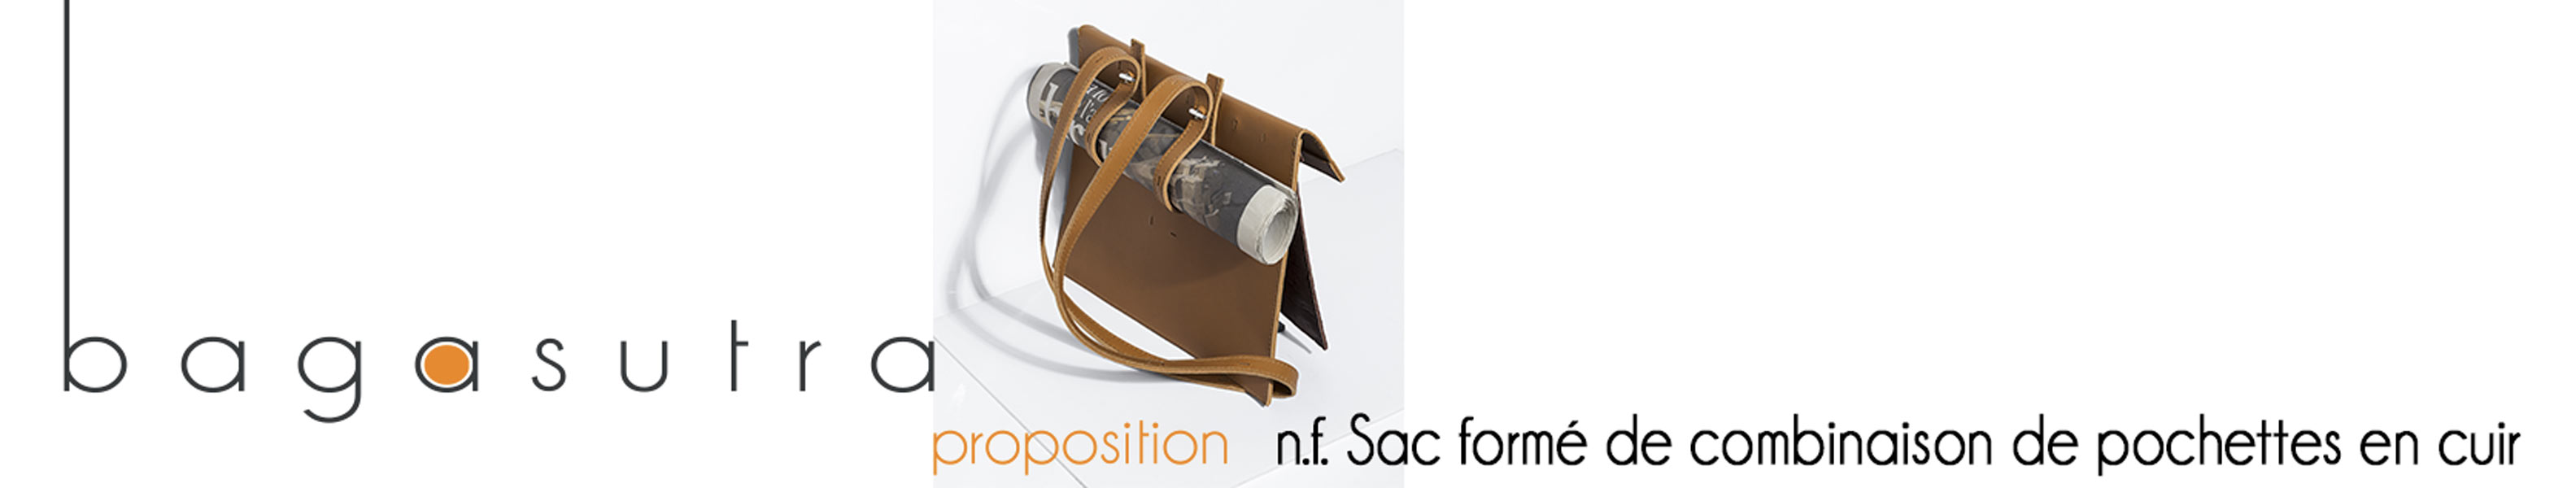 ABC-proposition3